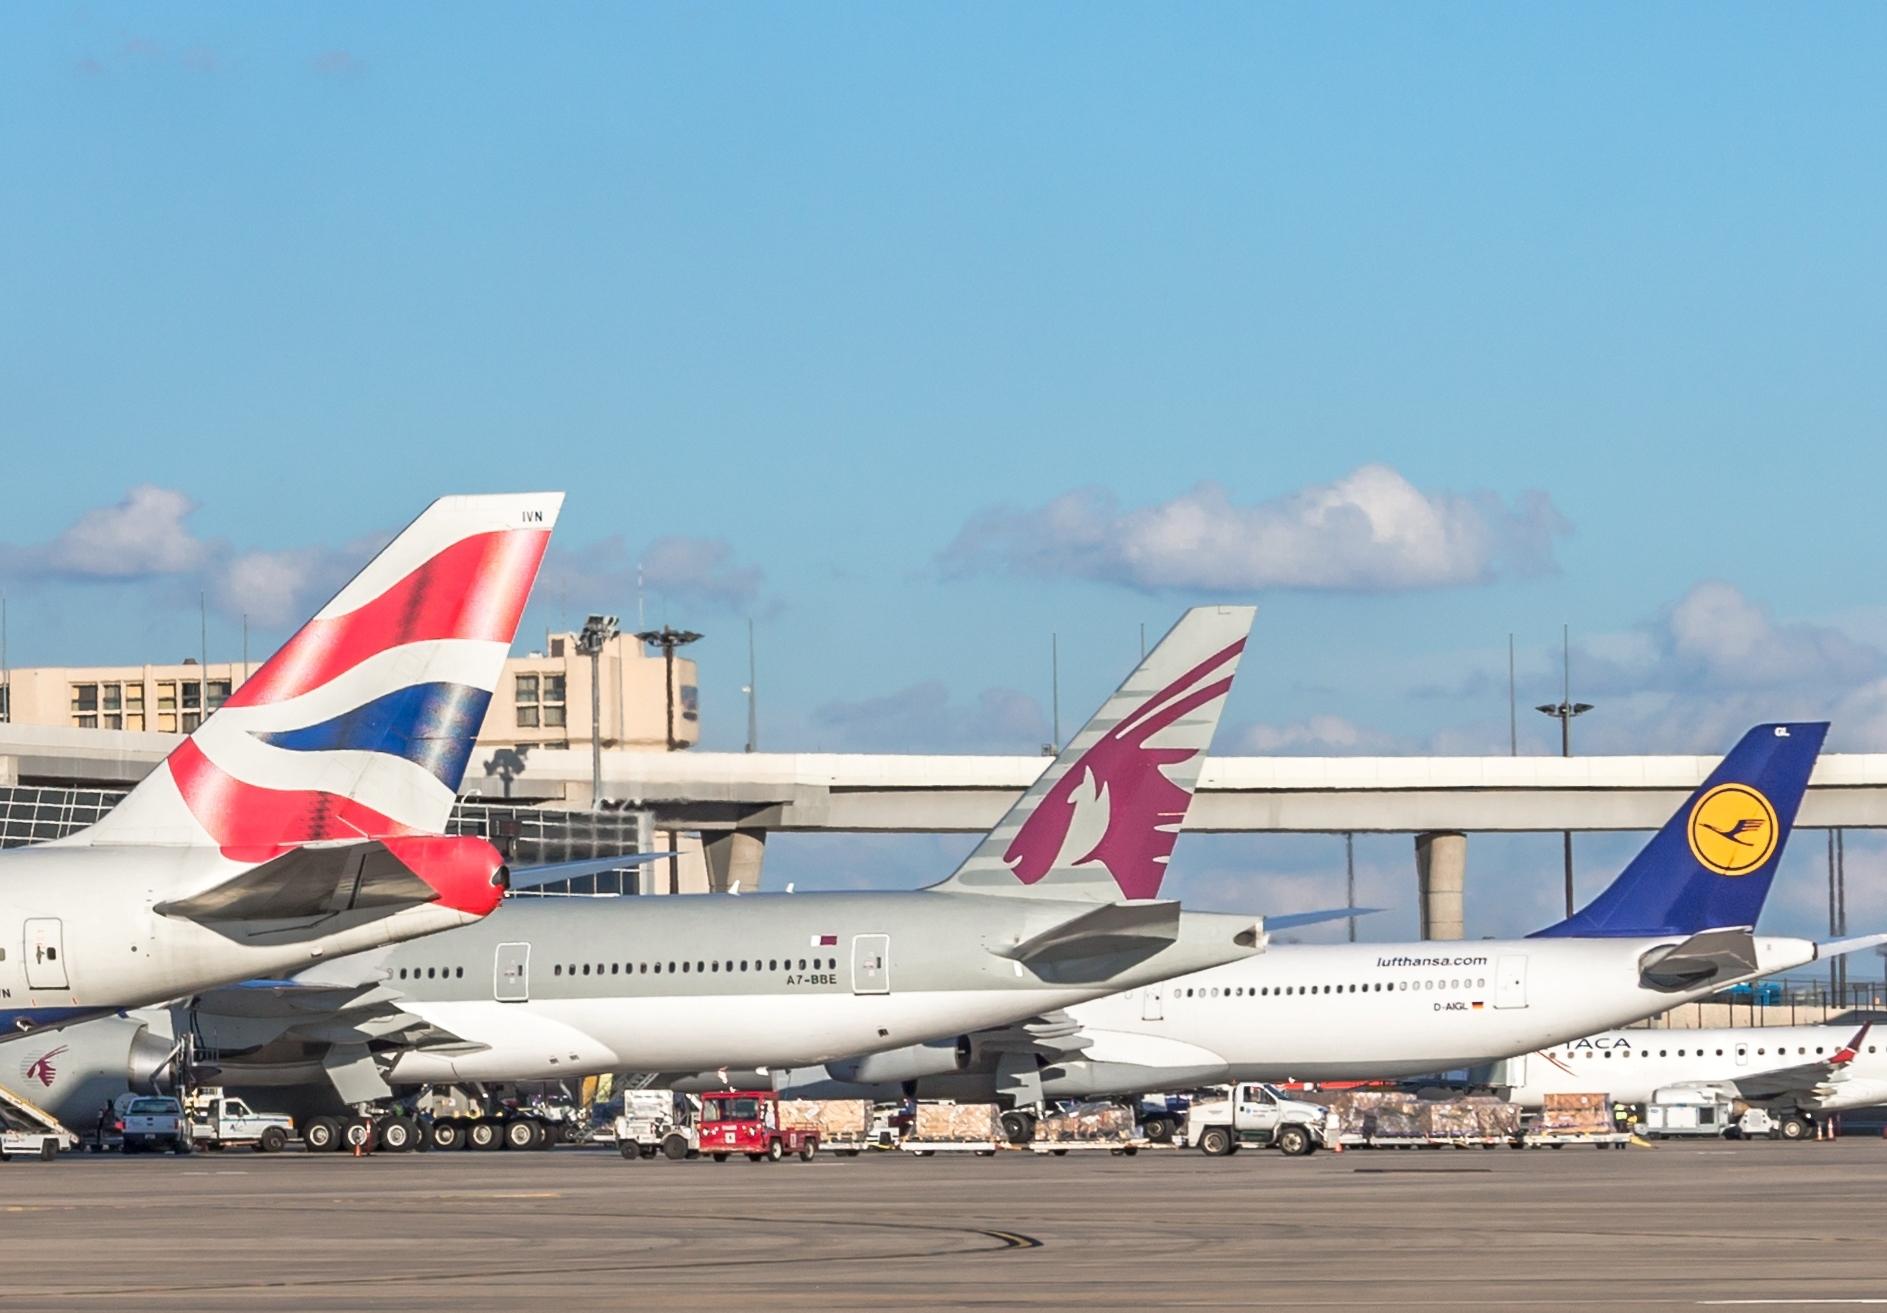 Flyselskaber – europæiske og ikke-europæiske – kan formentlig kategorisere Corona-virussen som en usædvanlig omstændighed. Men det vil i sidste ende bero på en konkret vurdering ved domstolene, siger Forbruger Europa. Her er British Airways, Qatar Airways og Lufthansa samlet i Dallas Lufthavn. Pressearkivfoto fra Dallas Airport.